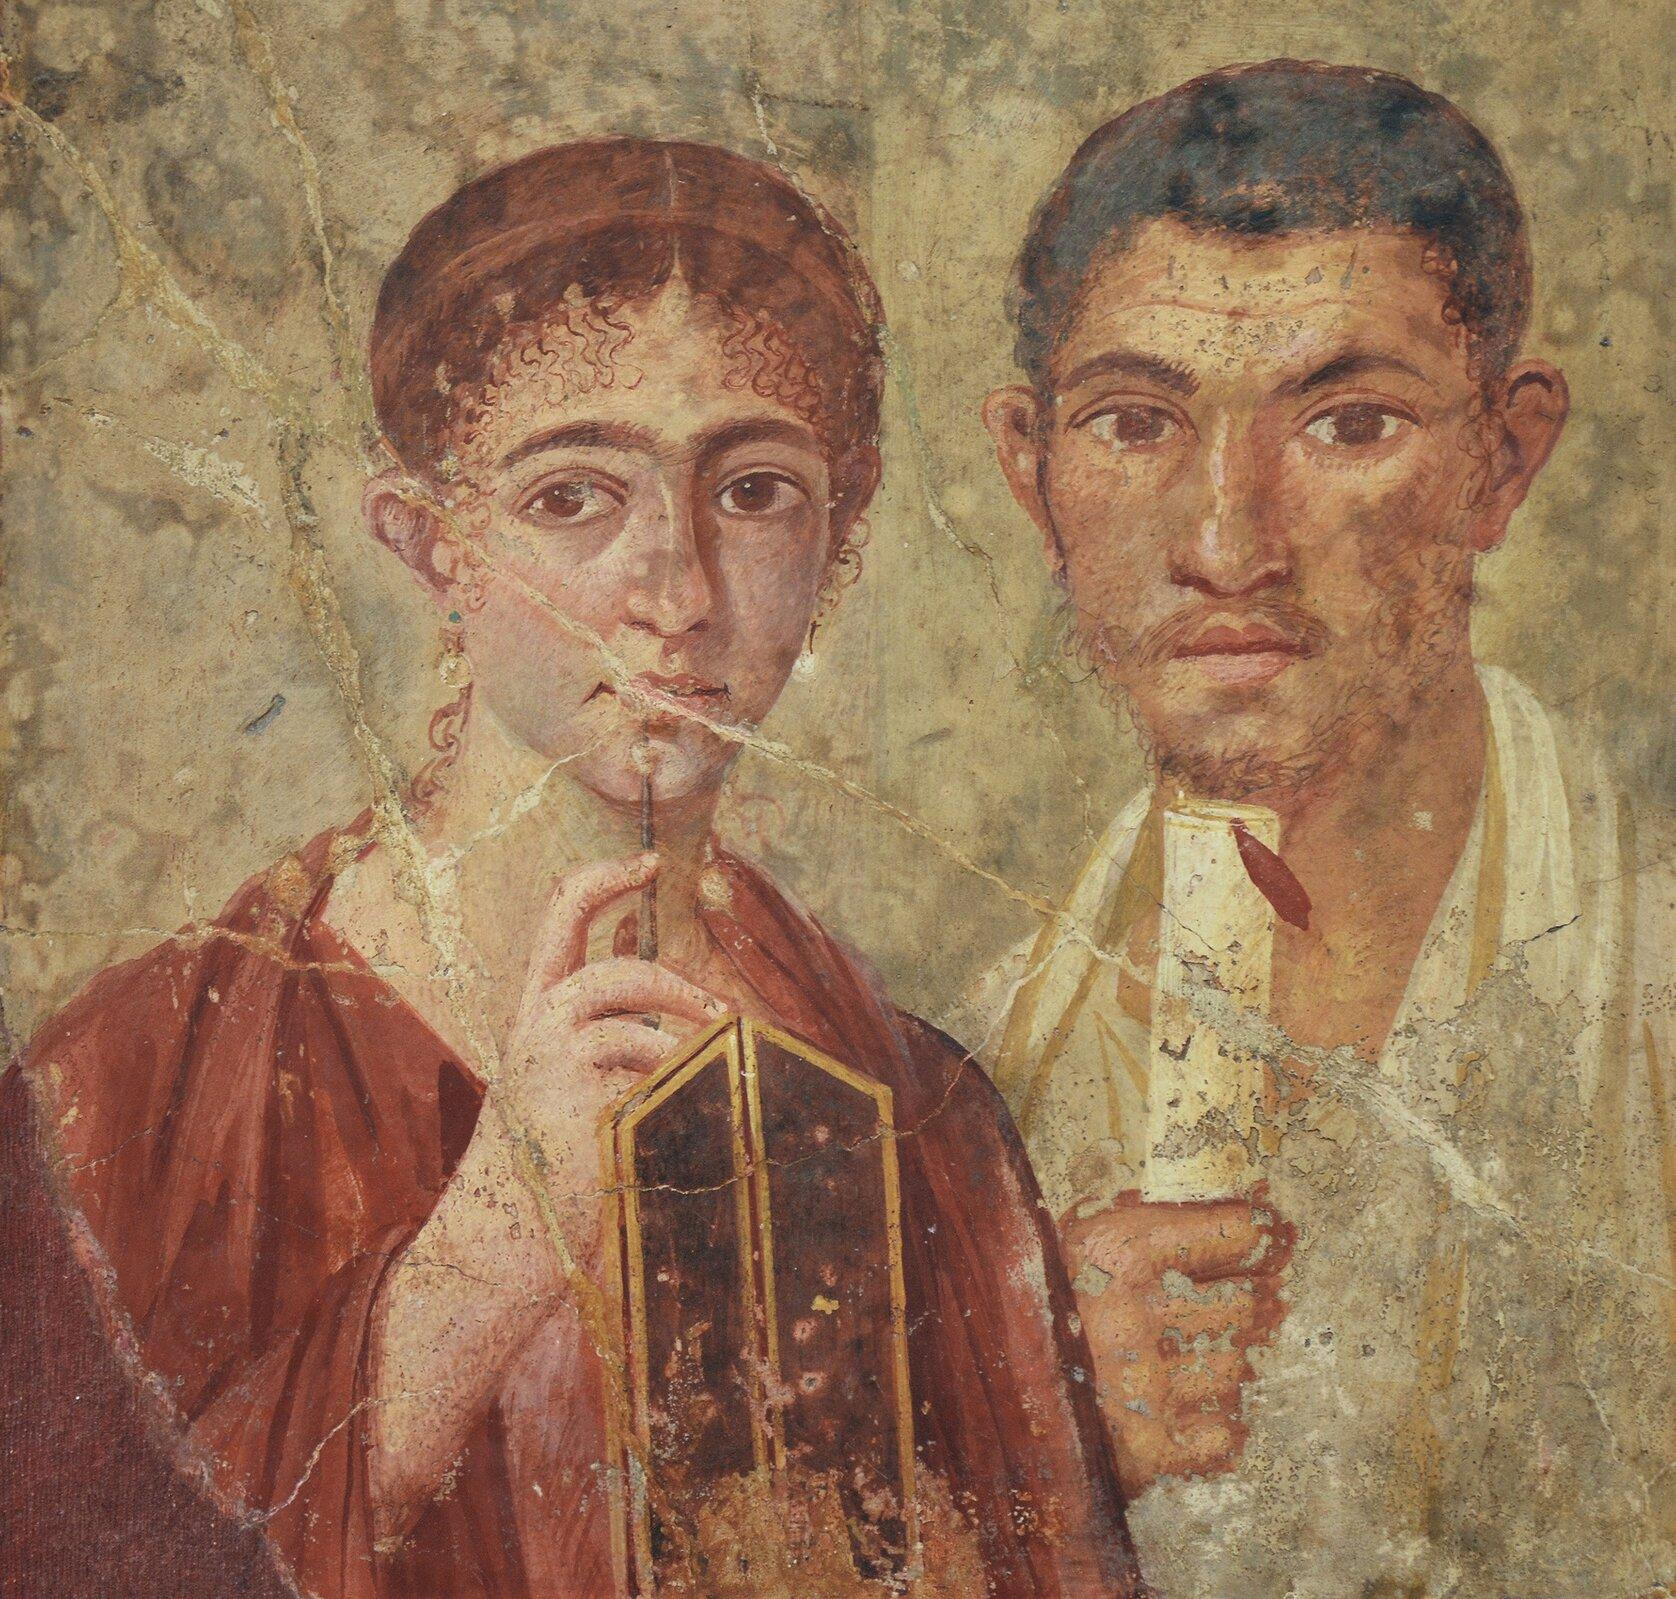 Freski zPompejów ukazujące postaci zwoskowymi tabliczkami izwojem papirusu Freski zPompejów ukazujące postaci zwoskowymi tabliczkami izwojem papirusu Źródło: Carole Raddato, Naples National Archaeological Museum, licencja: CC BY-SA 2.0.